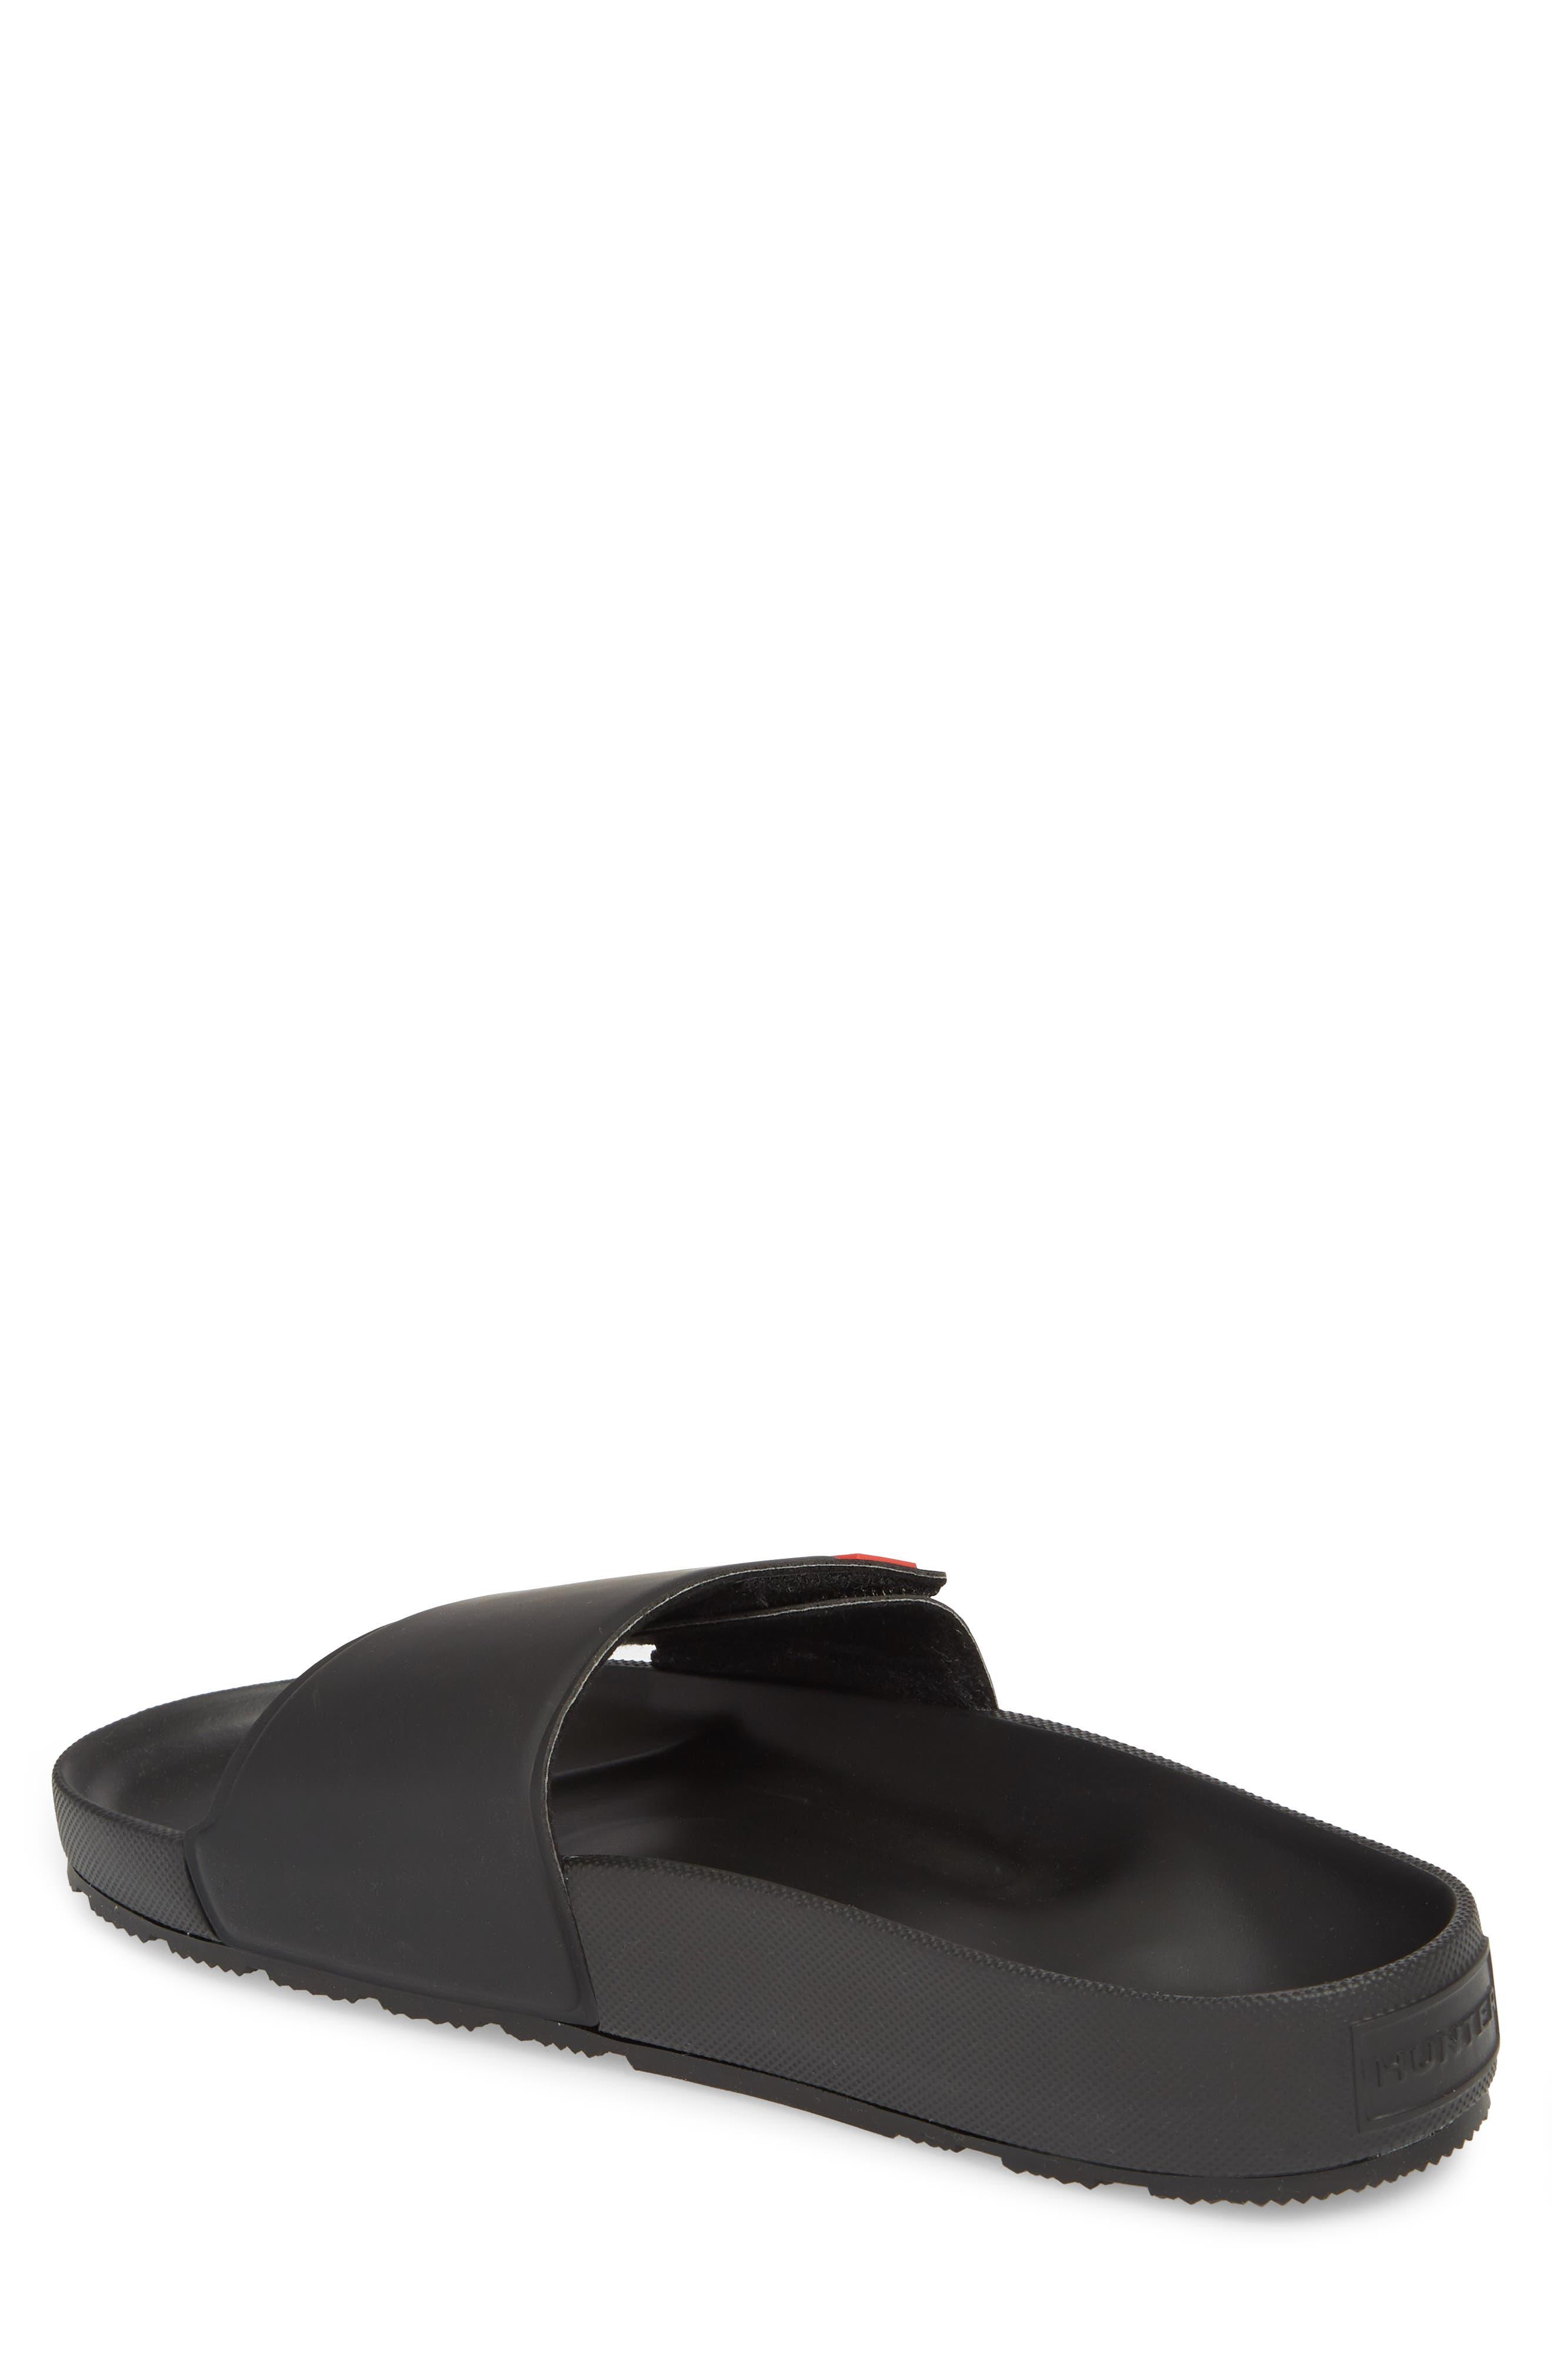 Original Adjustable Slide Sandal,                             Alternate thumbnail 2, color,                             Black